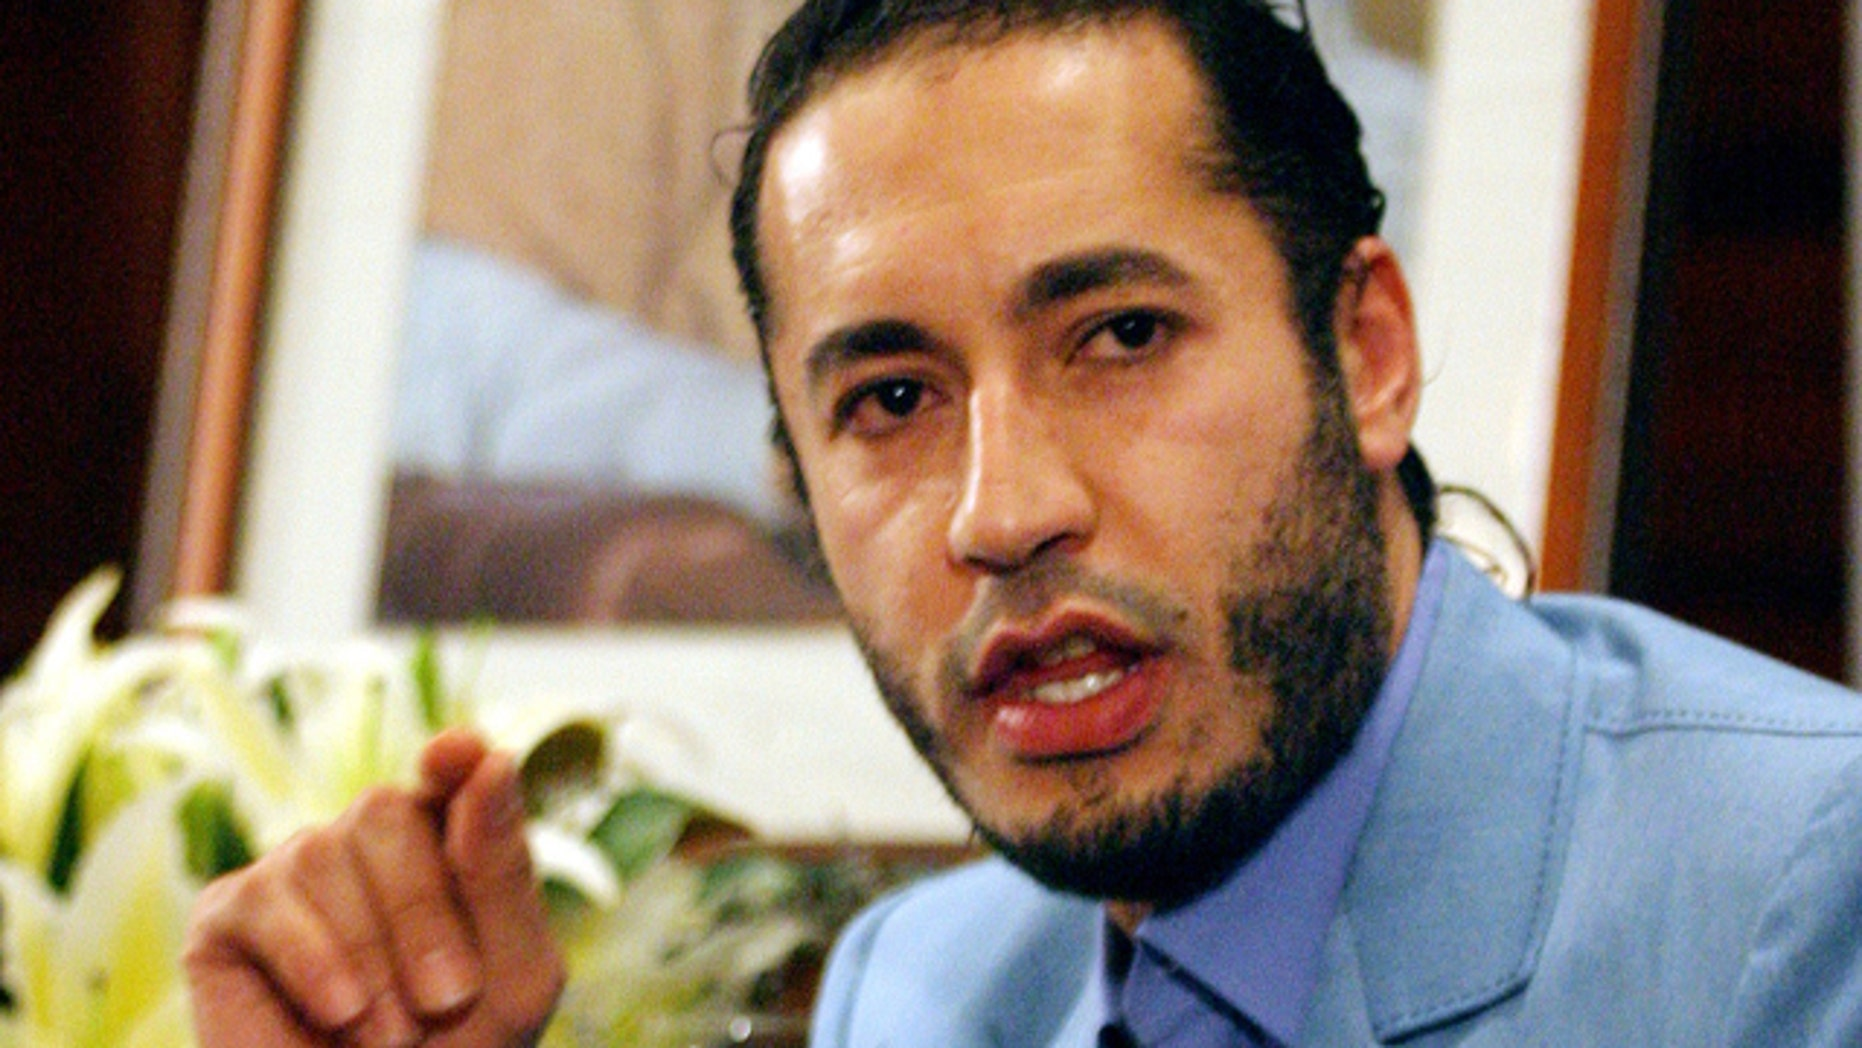 FILE 2005: Al-Saadi Qaddafi, the son of Muammar Qaddafi, answers a question during a press conference in Sydney.